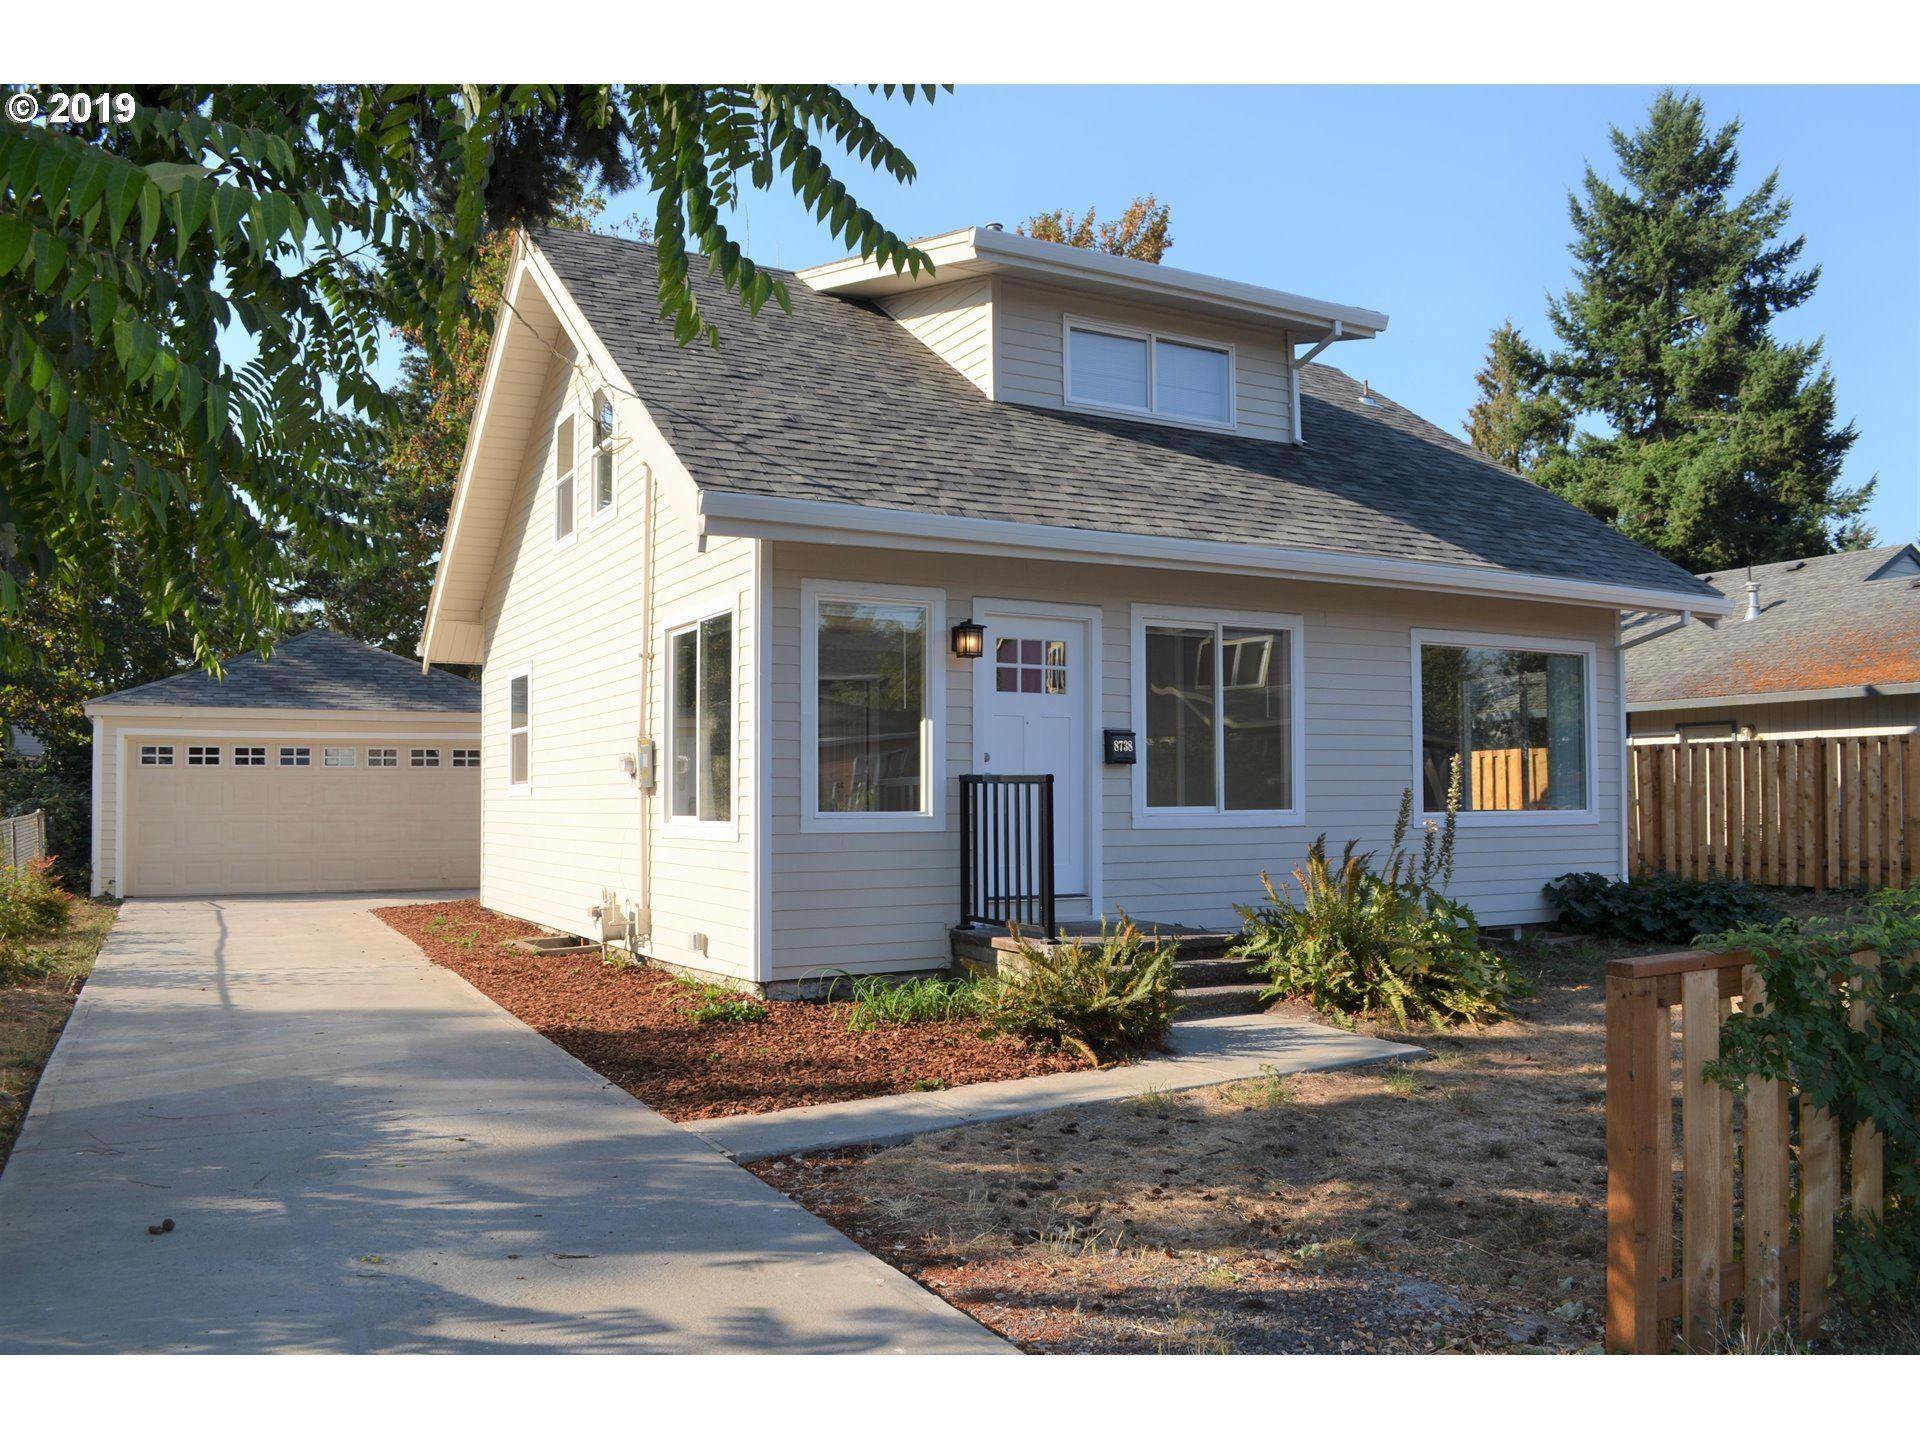 8738 SE MARKET ST, Portland, OR 97216 - MLS#: 19085288